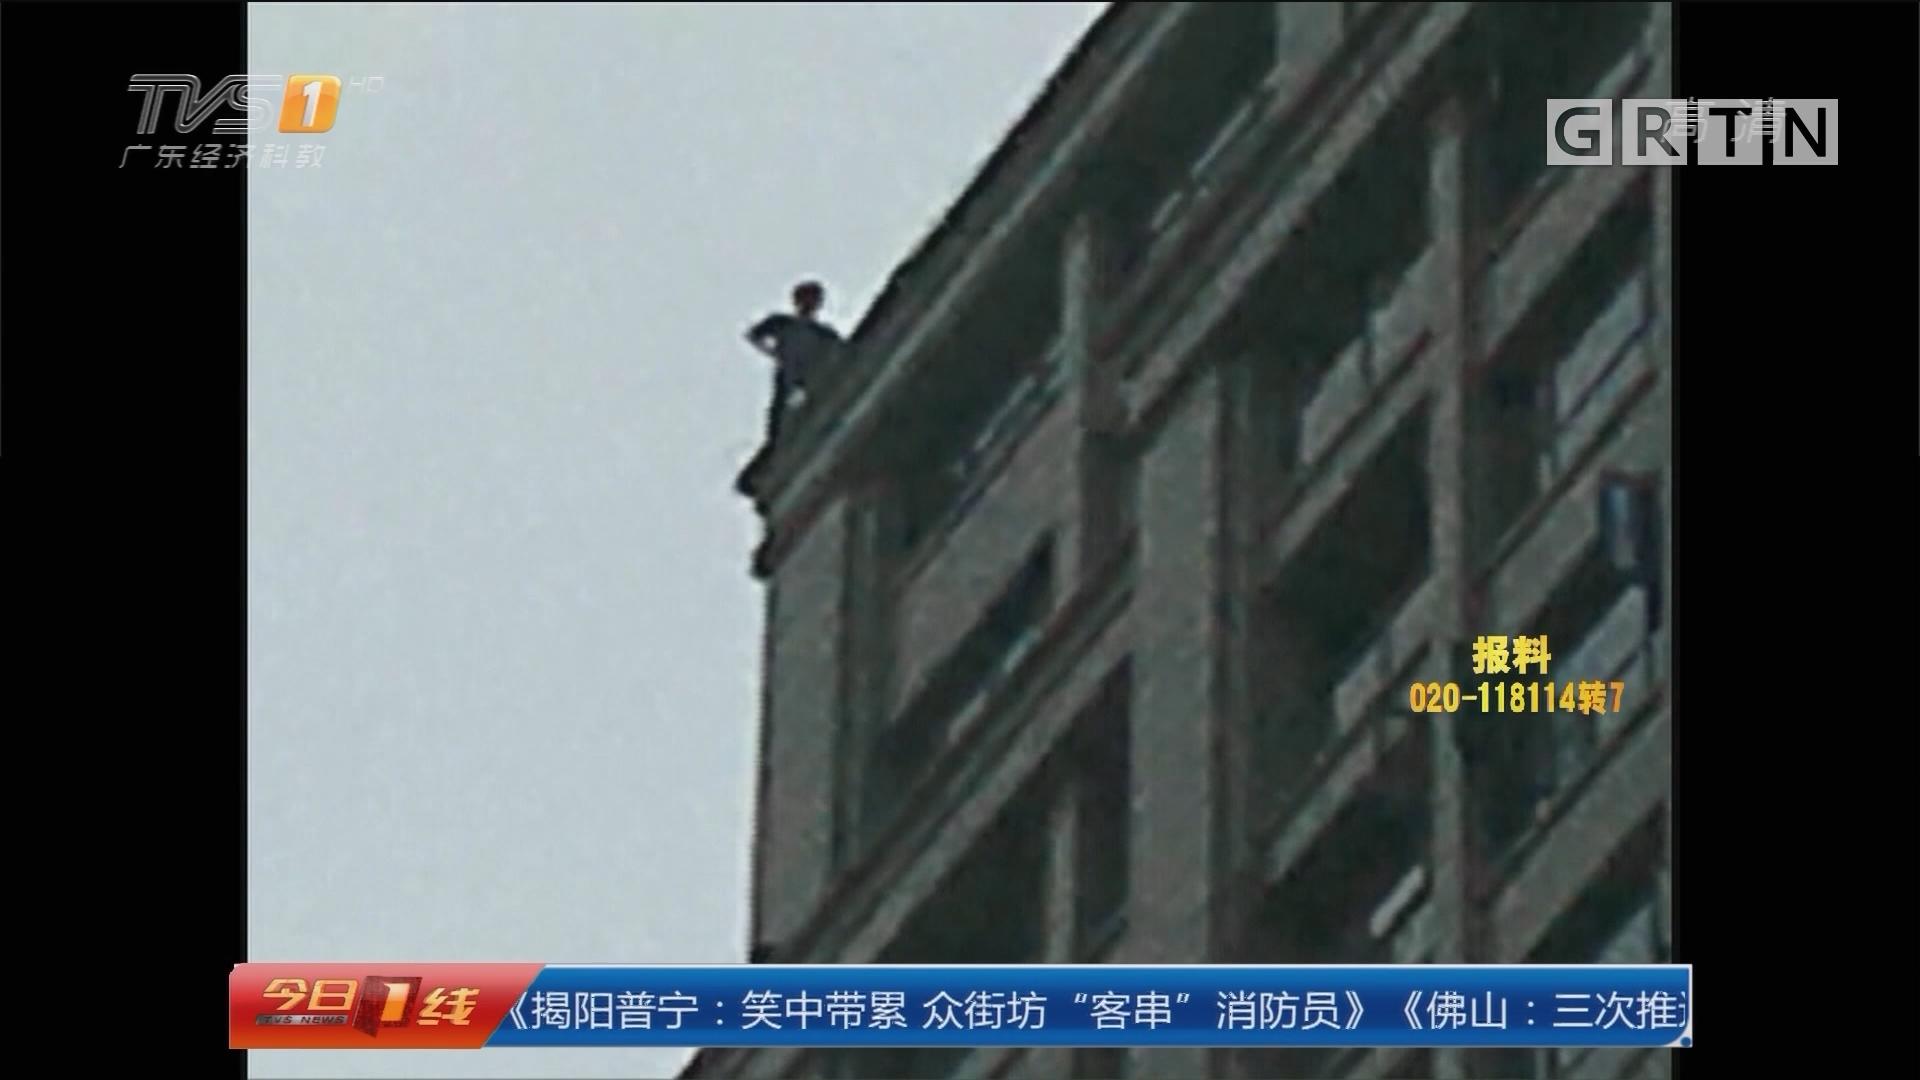 深圳:窃贼被围捕躲天台边 警方耐心劝下